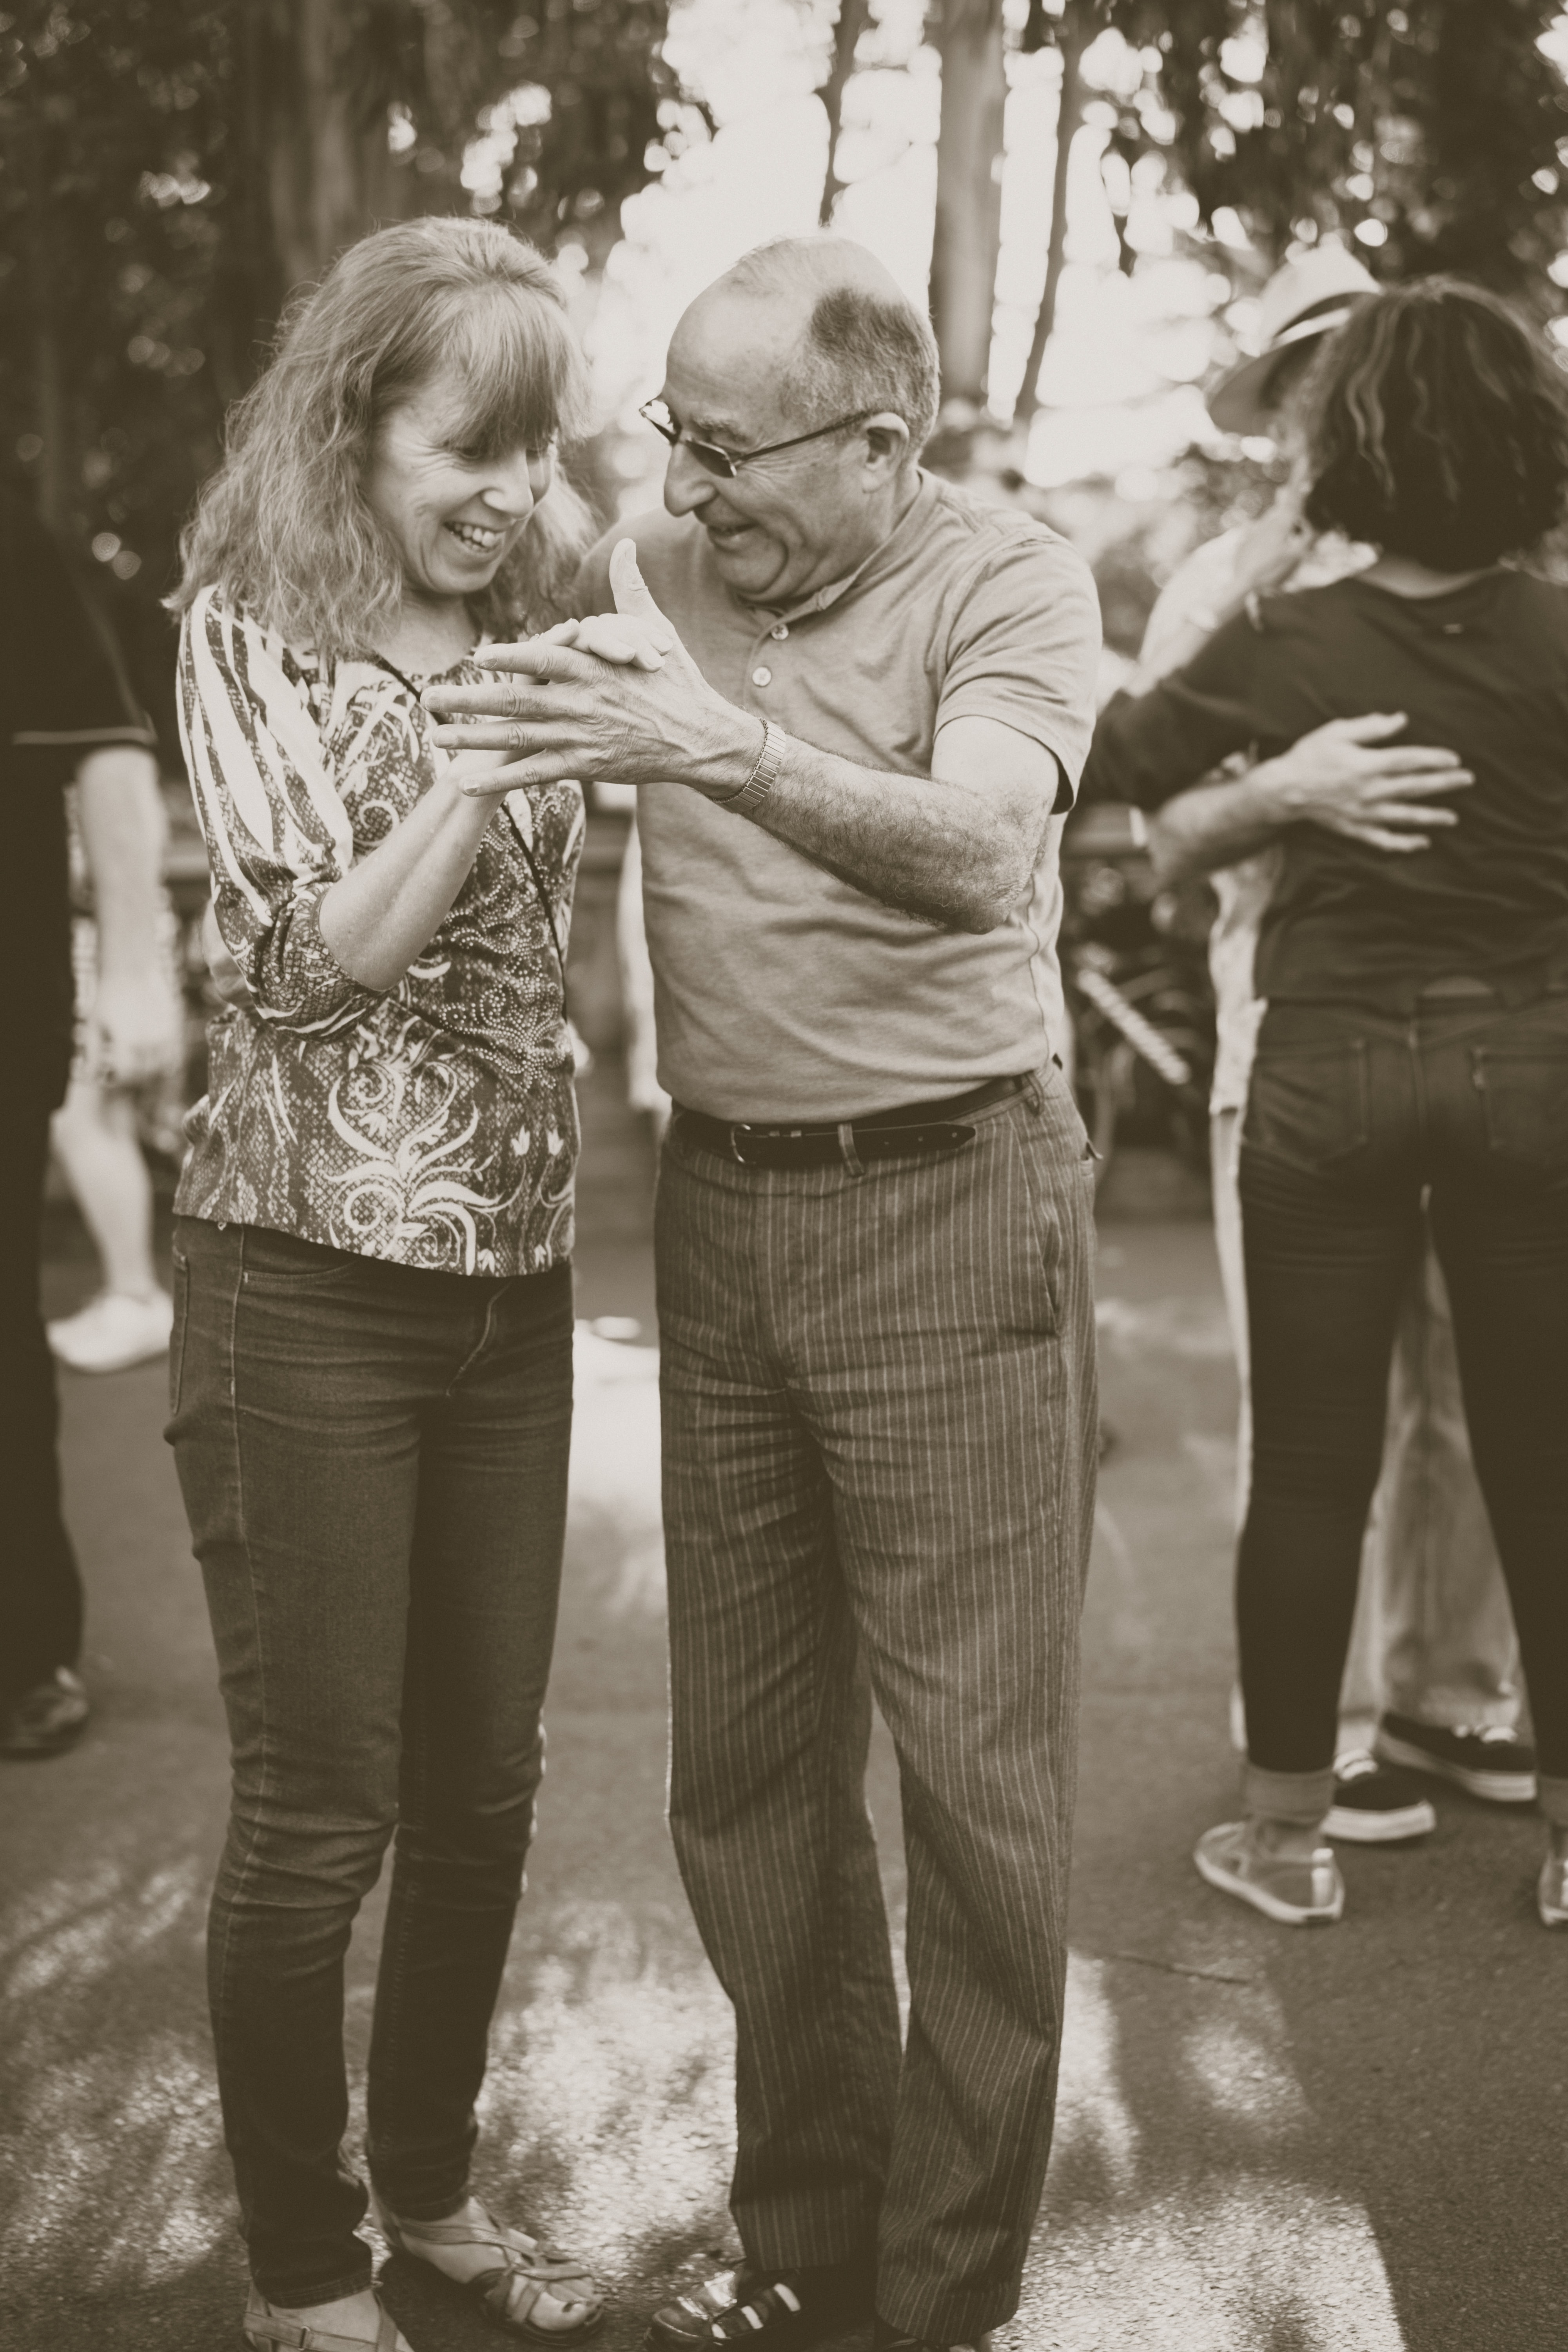 À la découverte des vertus du tango argentin. Lorsque la danse se révèle bénéfique pour nos fonctions exécutives